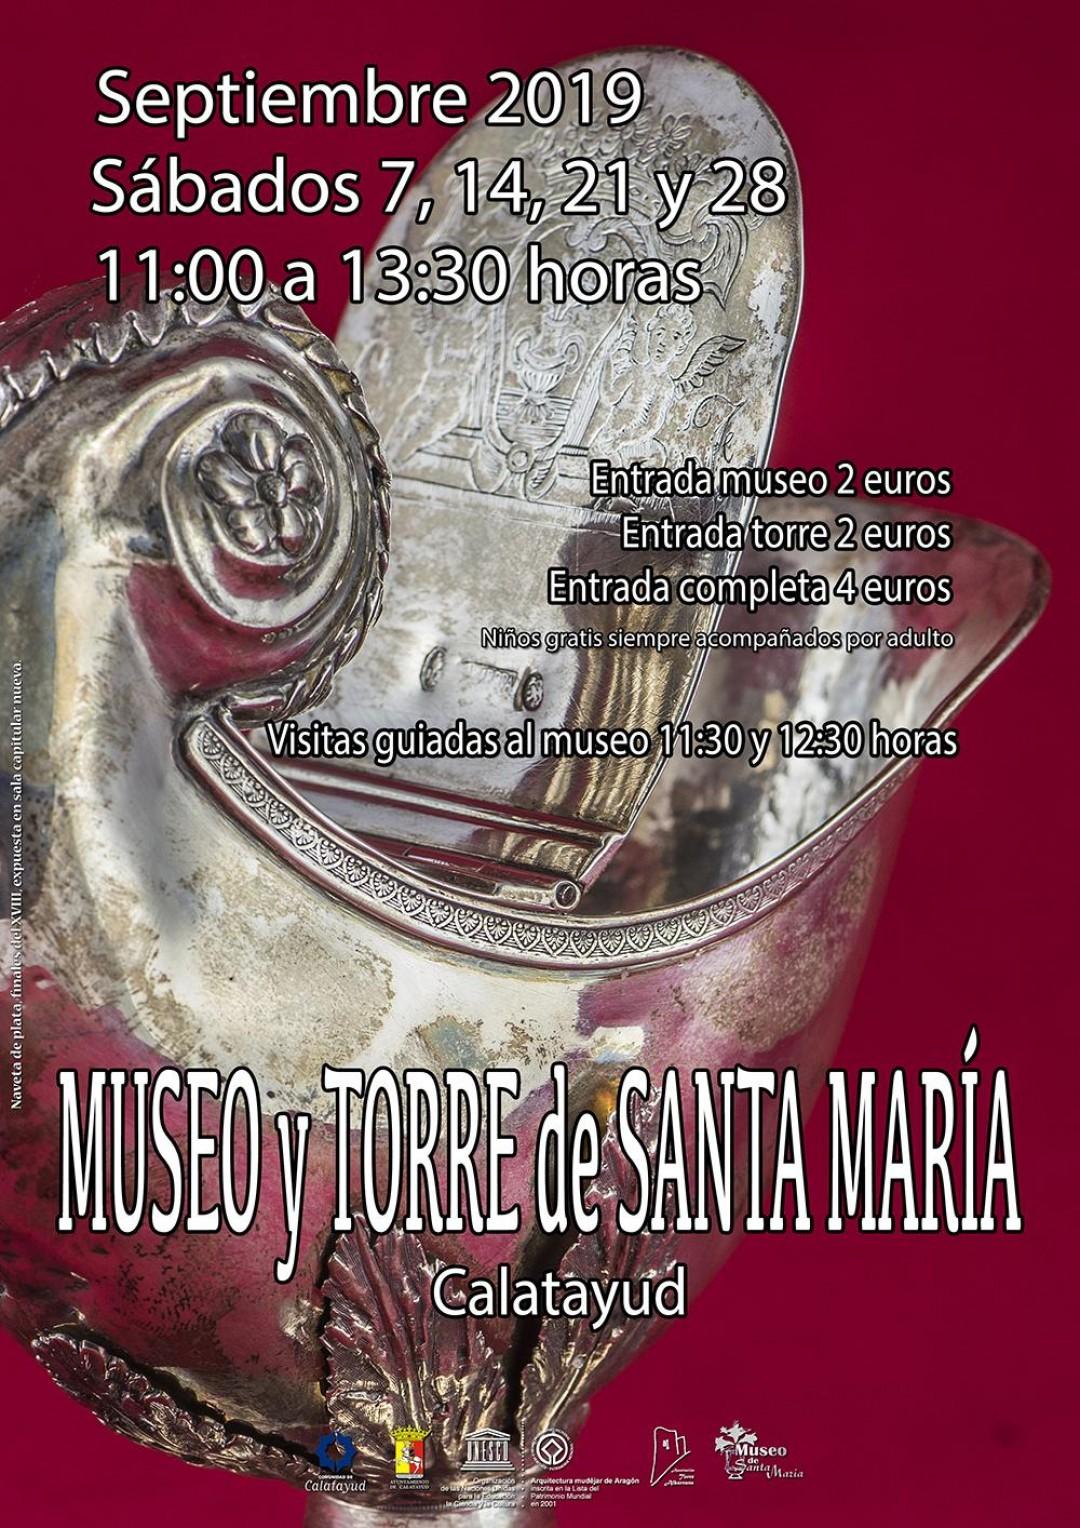 MUSEO Y TORRE DE SANTA MARÍA